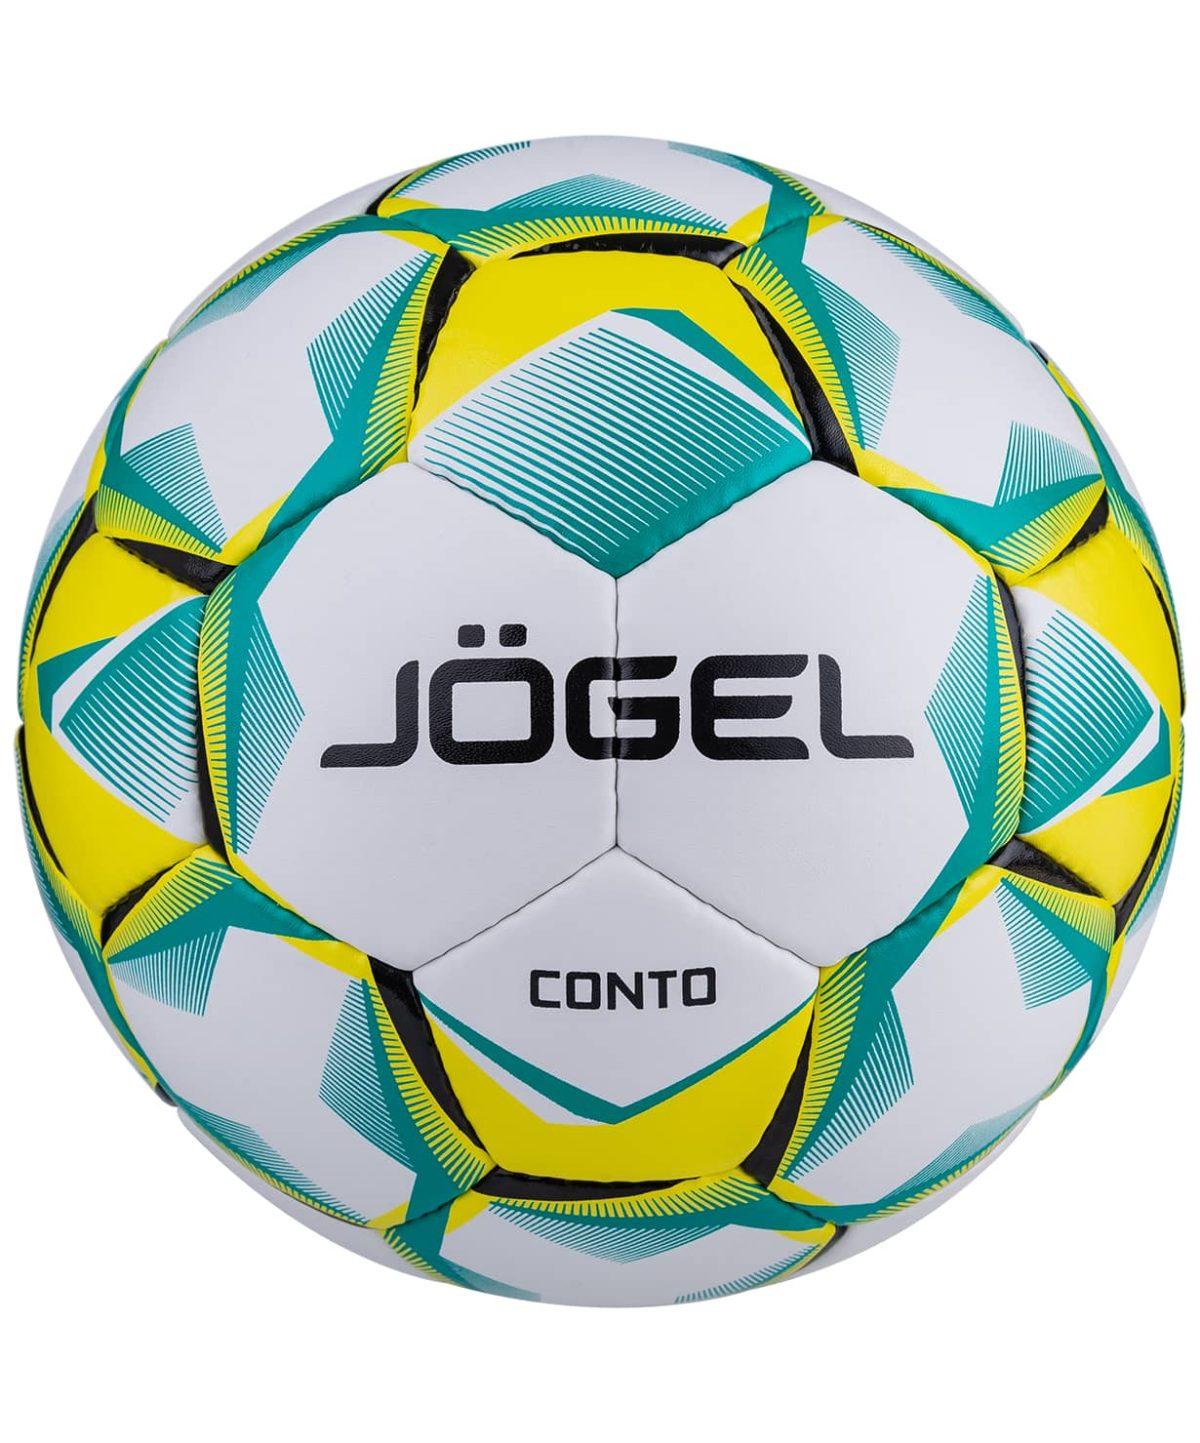 JOGEL Conto  Мяч футбольный  Conto №5 (BC20) - 1